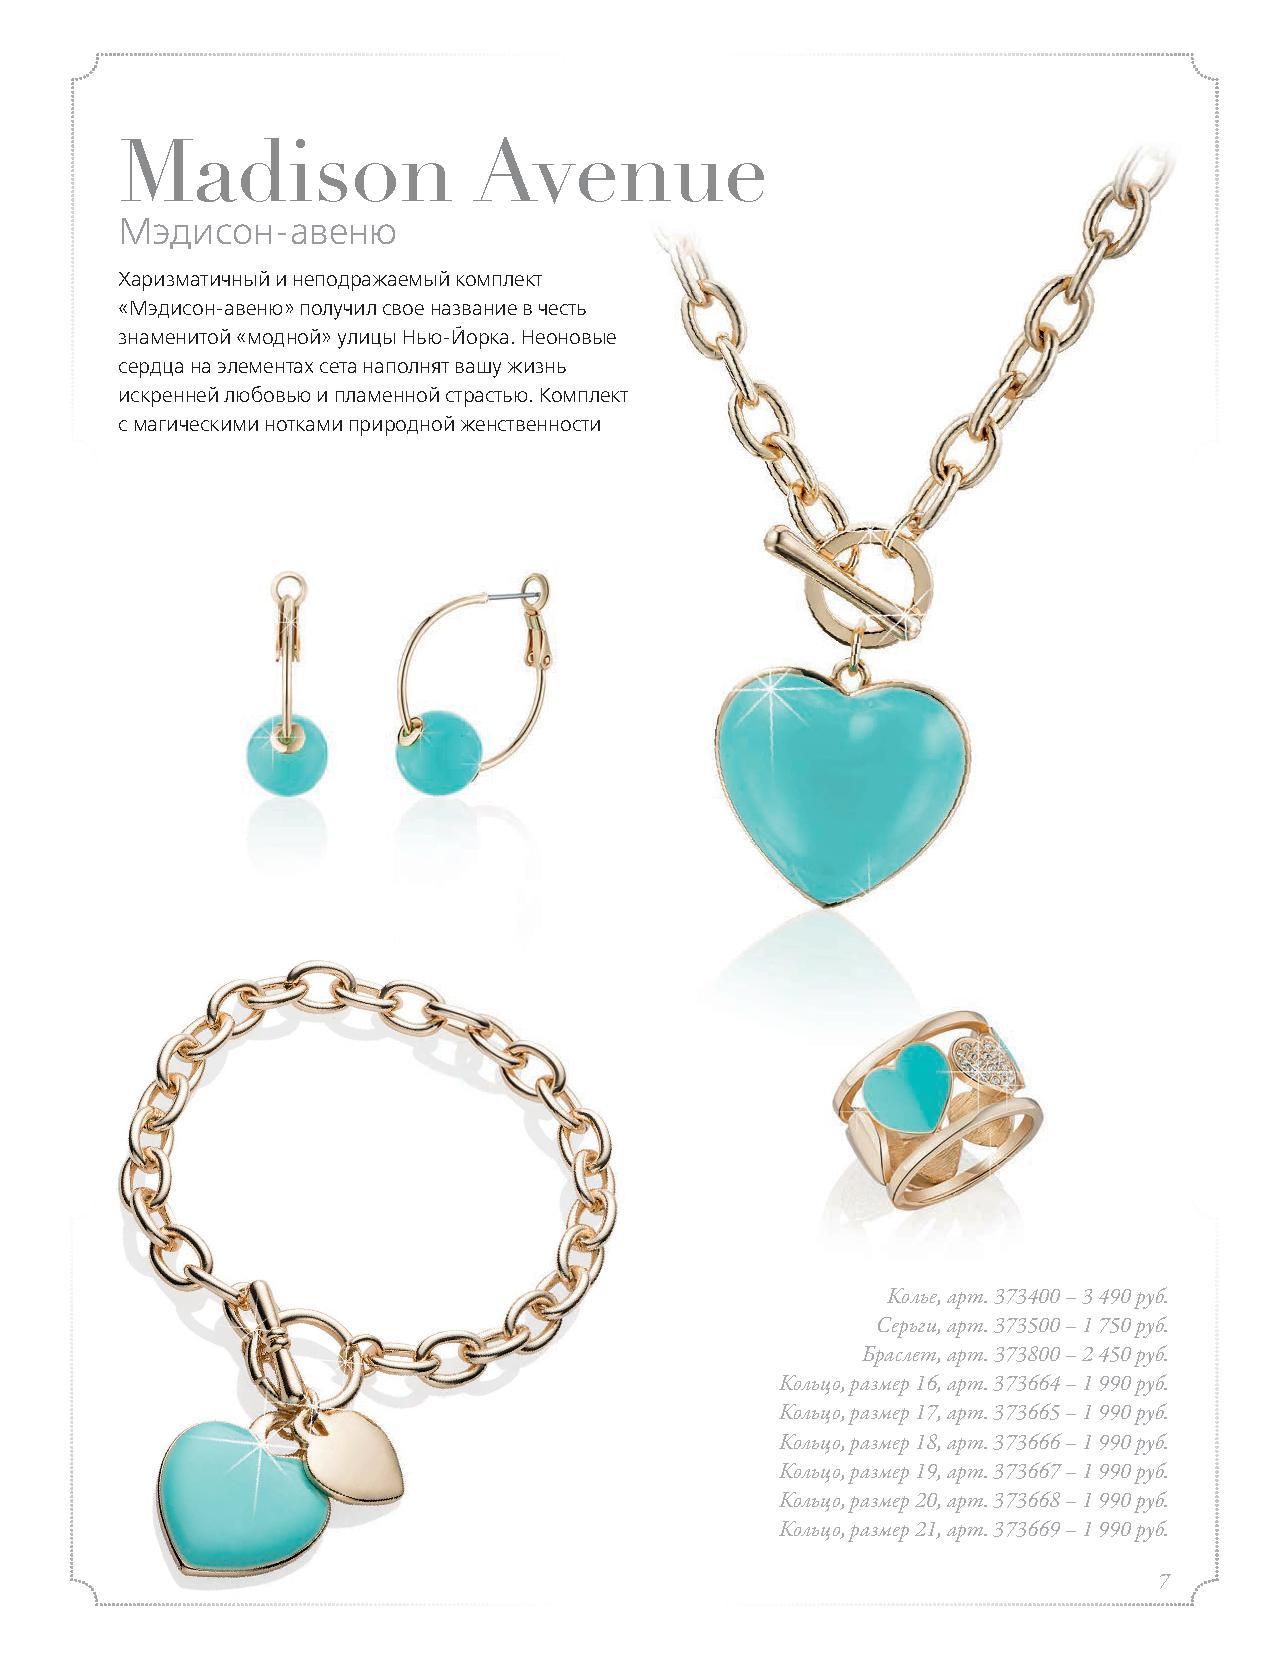 """Бижутерия Флоранж - Колье, серьги, браслет и кольцо """"Мэдисон-авеню"""""""